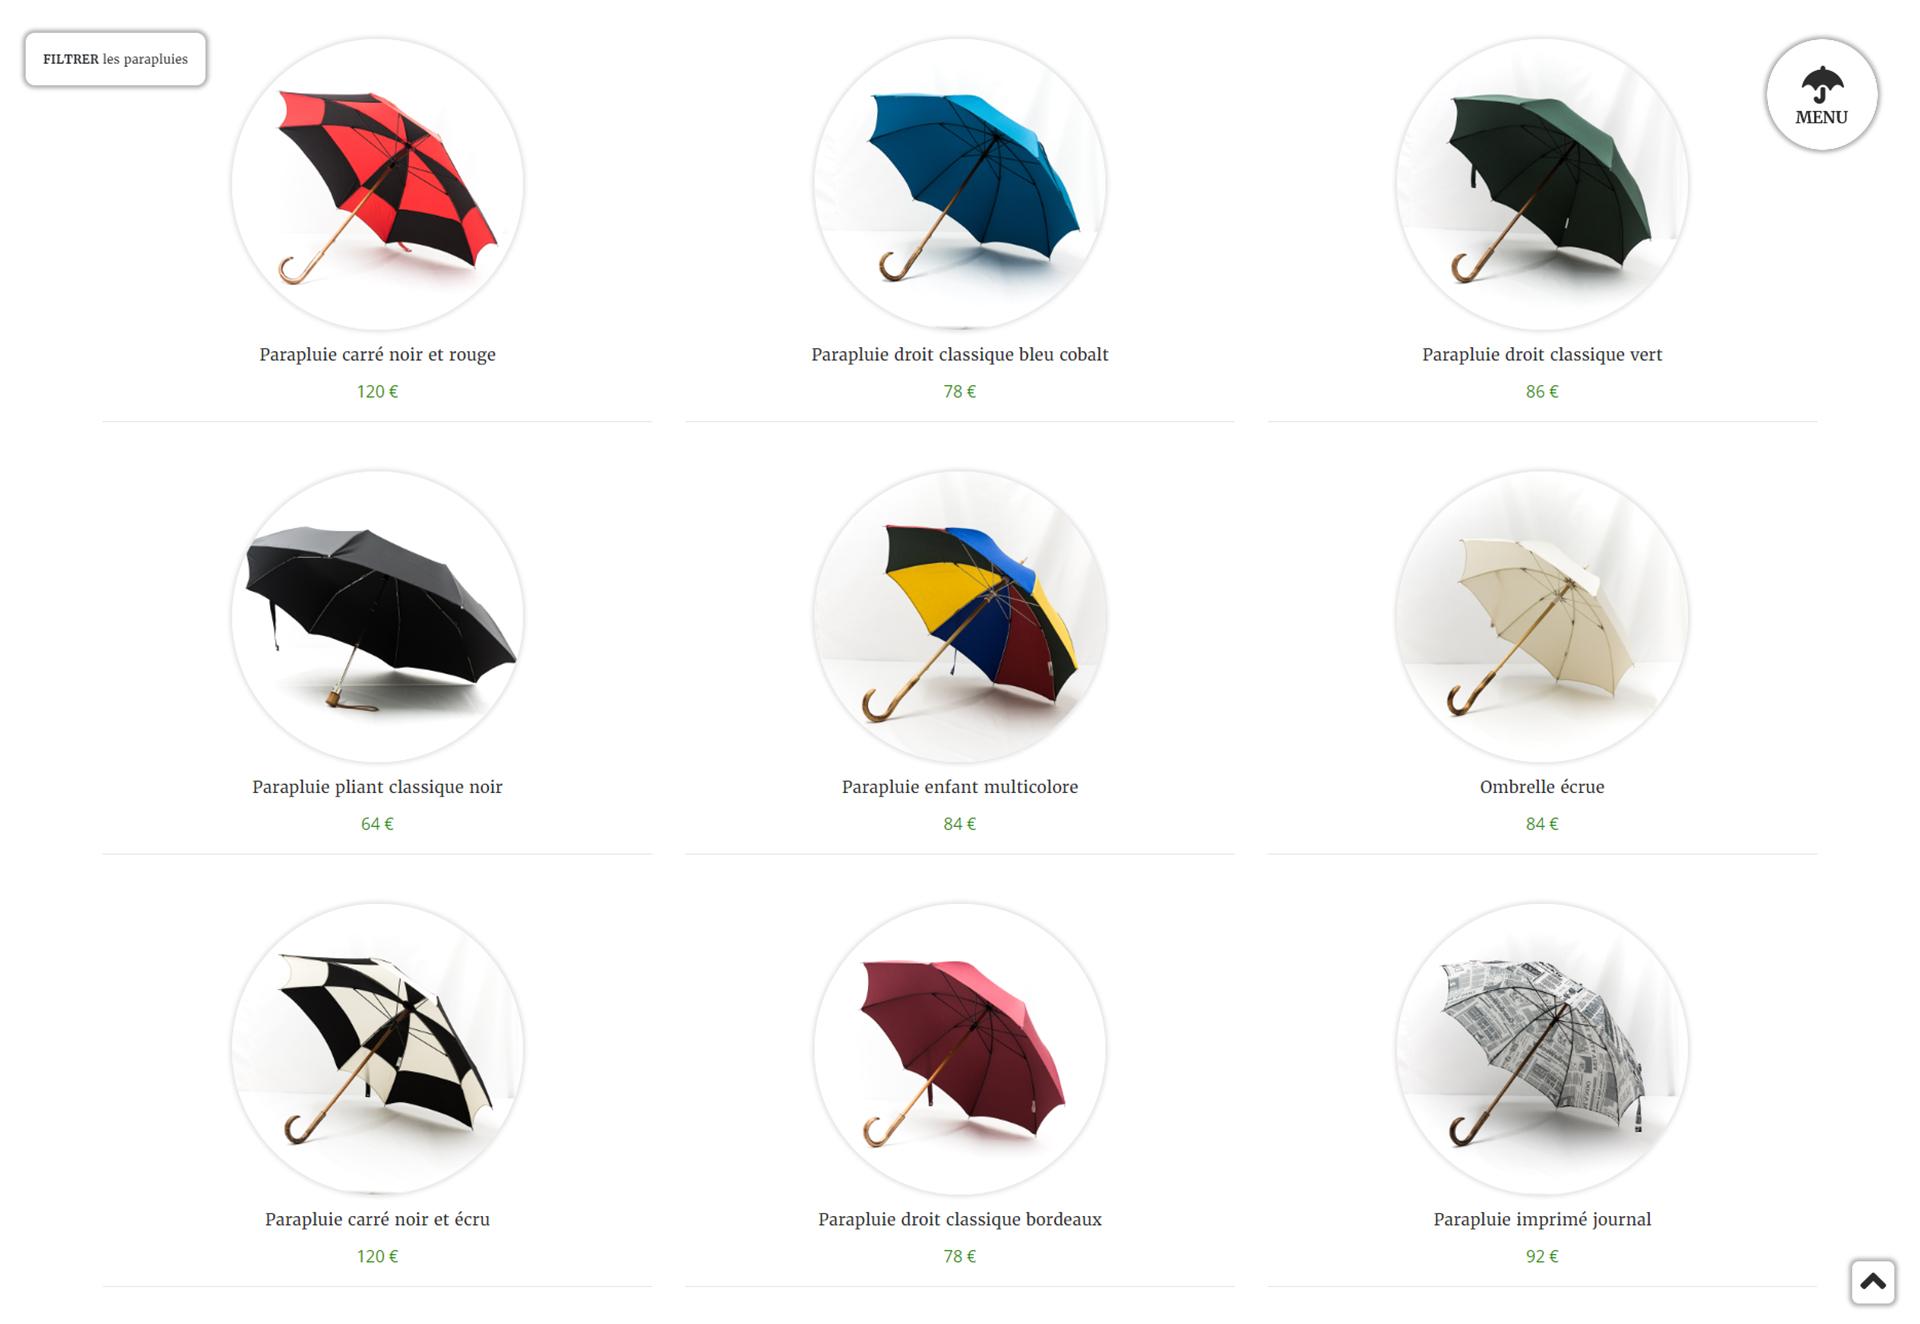 creation-de-site-internet-responsive-pour-la-fabrique-de-parapluie-par-infographiste-poitiers-7